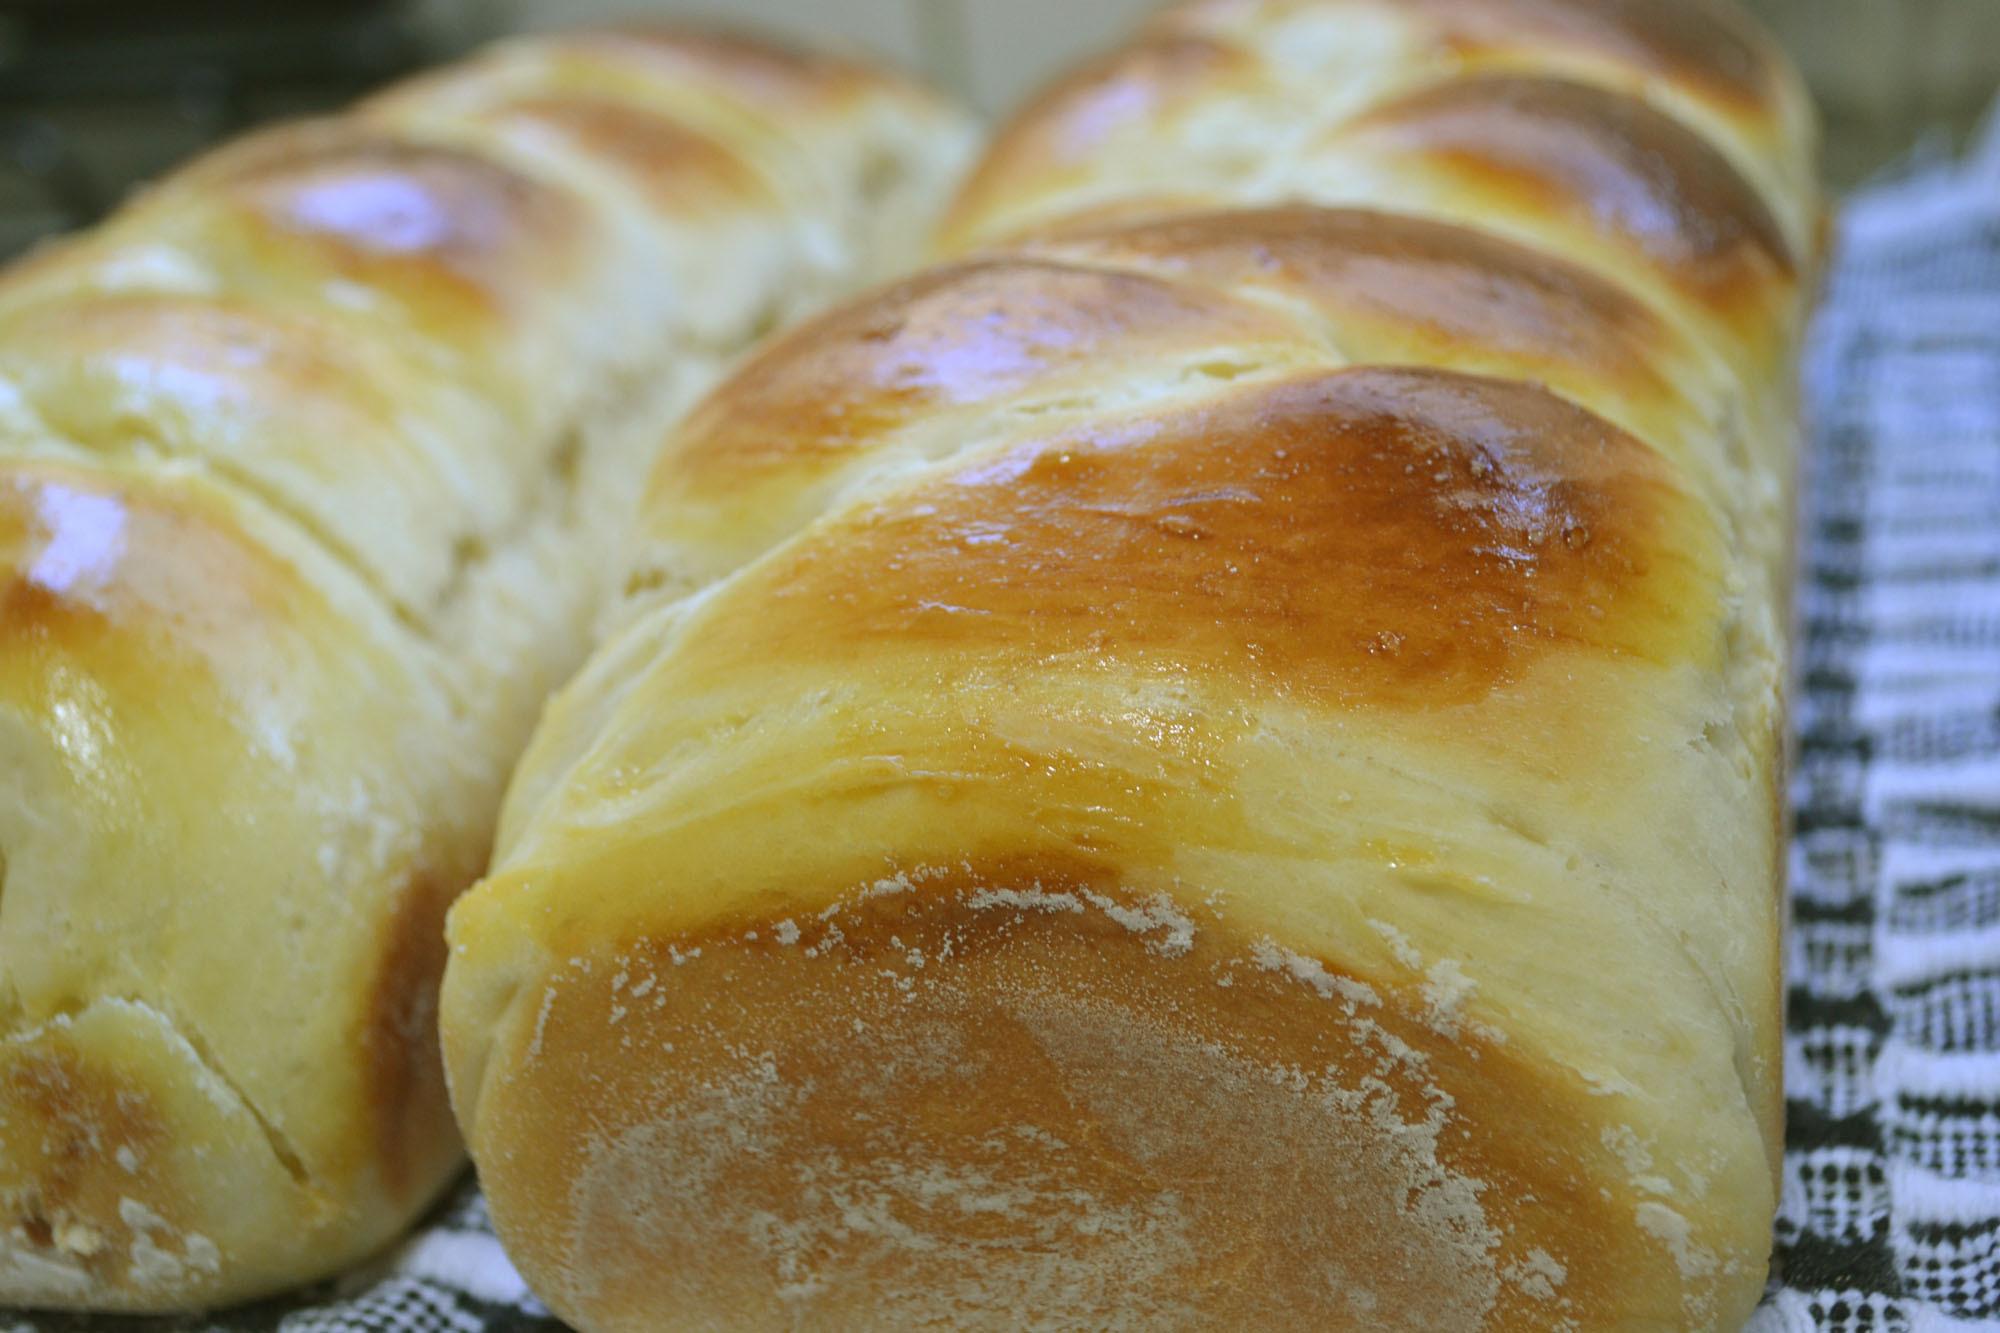 de rosca com fermento biologico seco